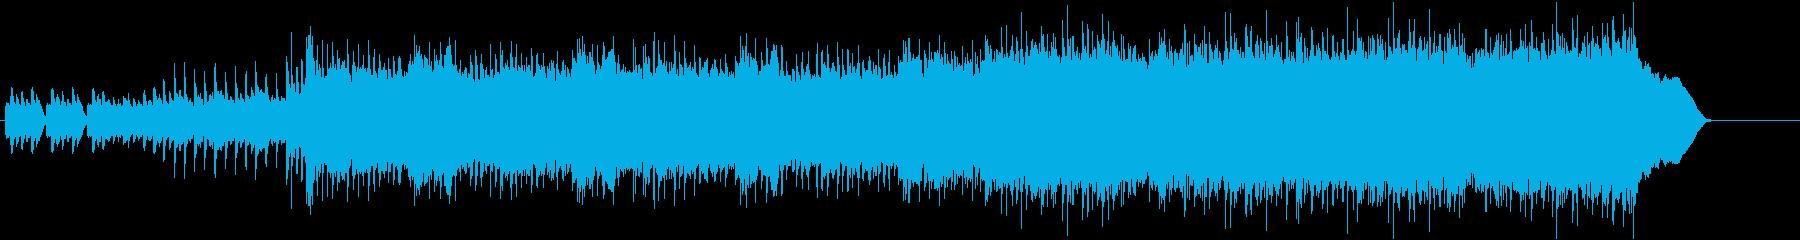 ダークファンタジーをイメージしたロック曲の再生済みの波形